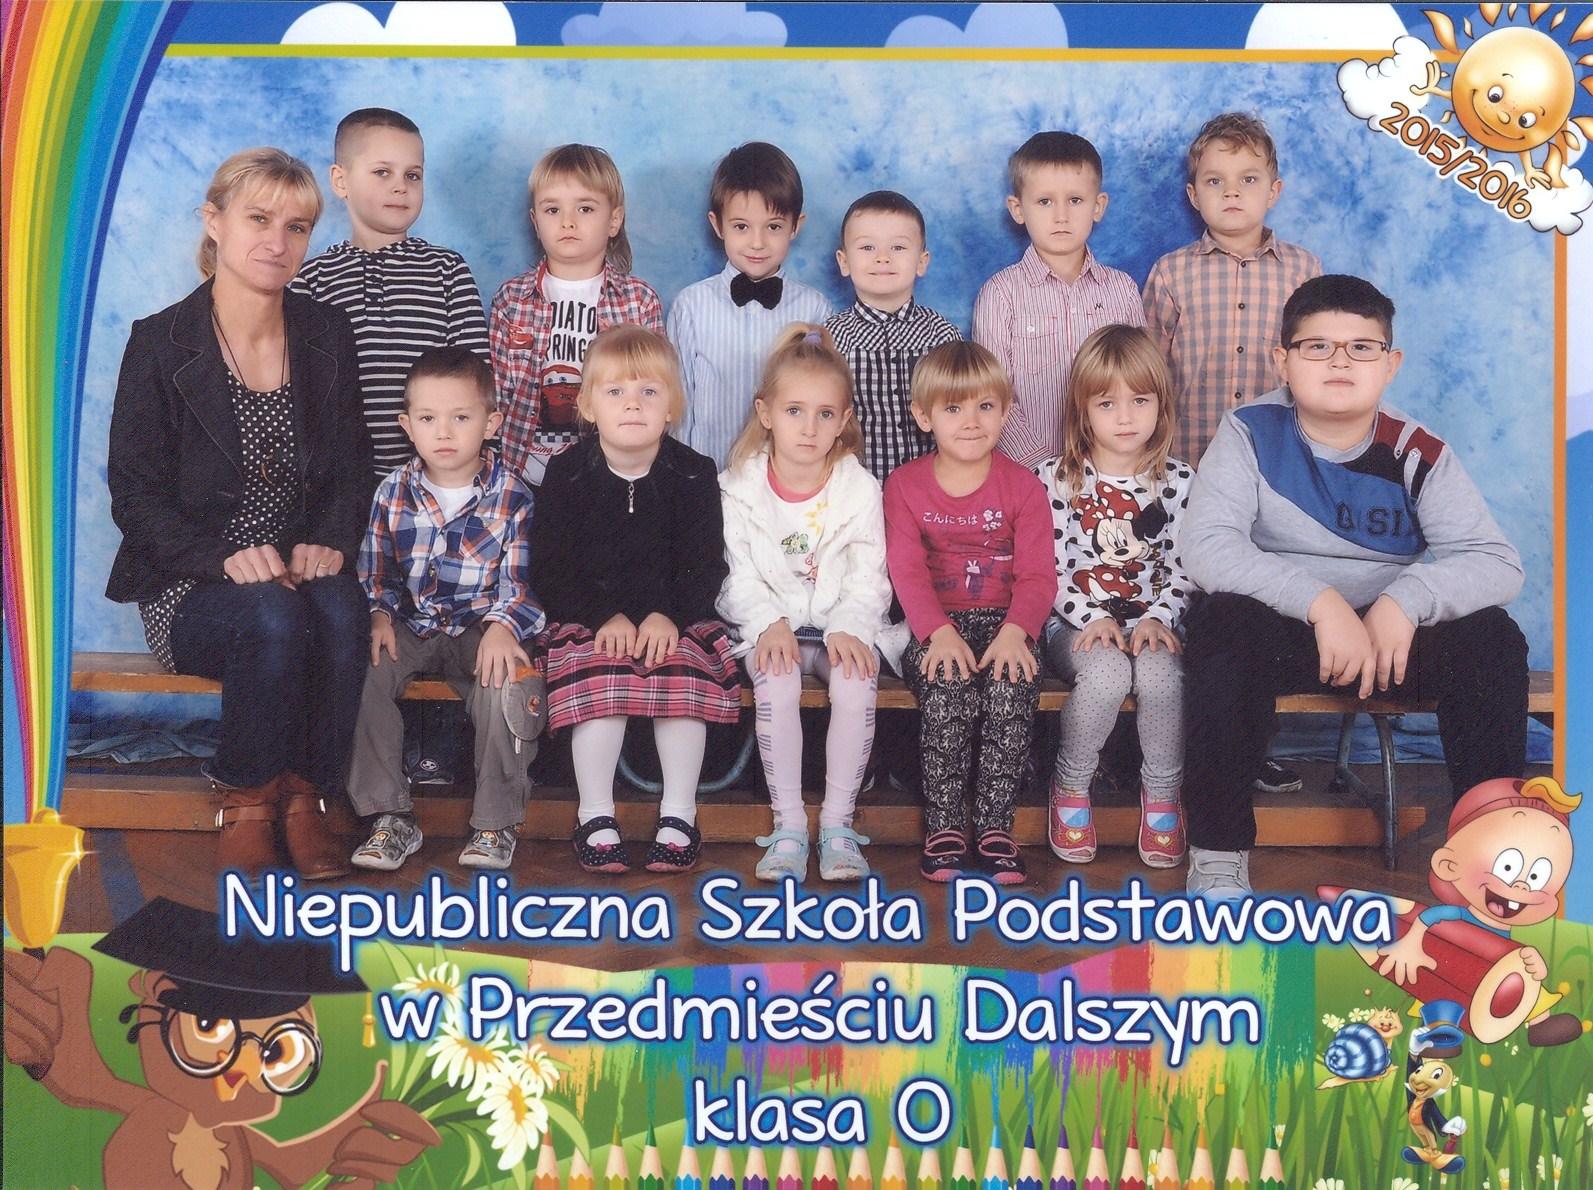 zerowka.jpg (1593×1190)